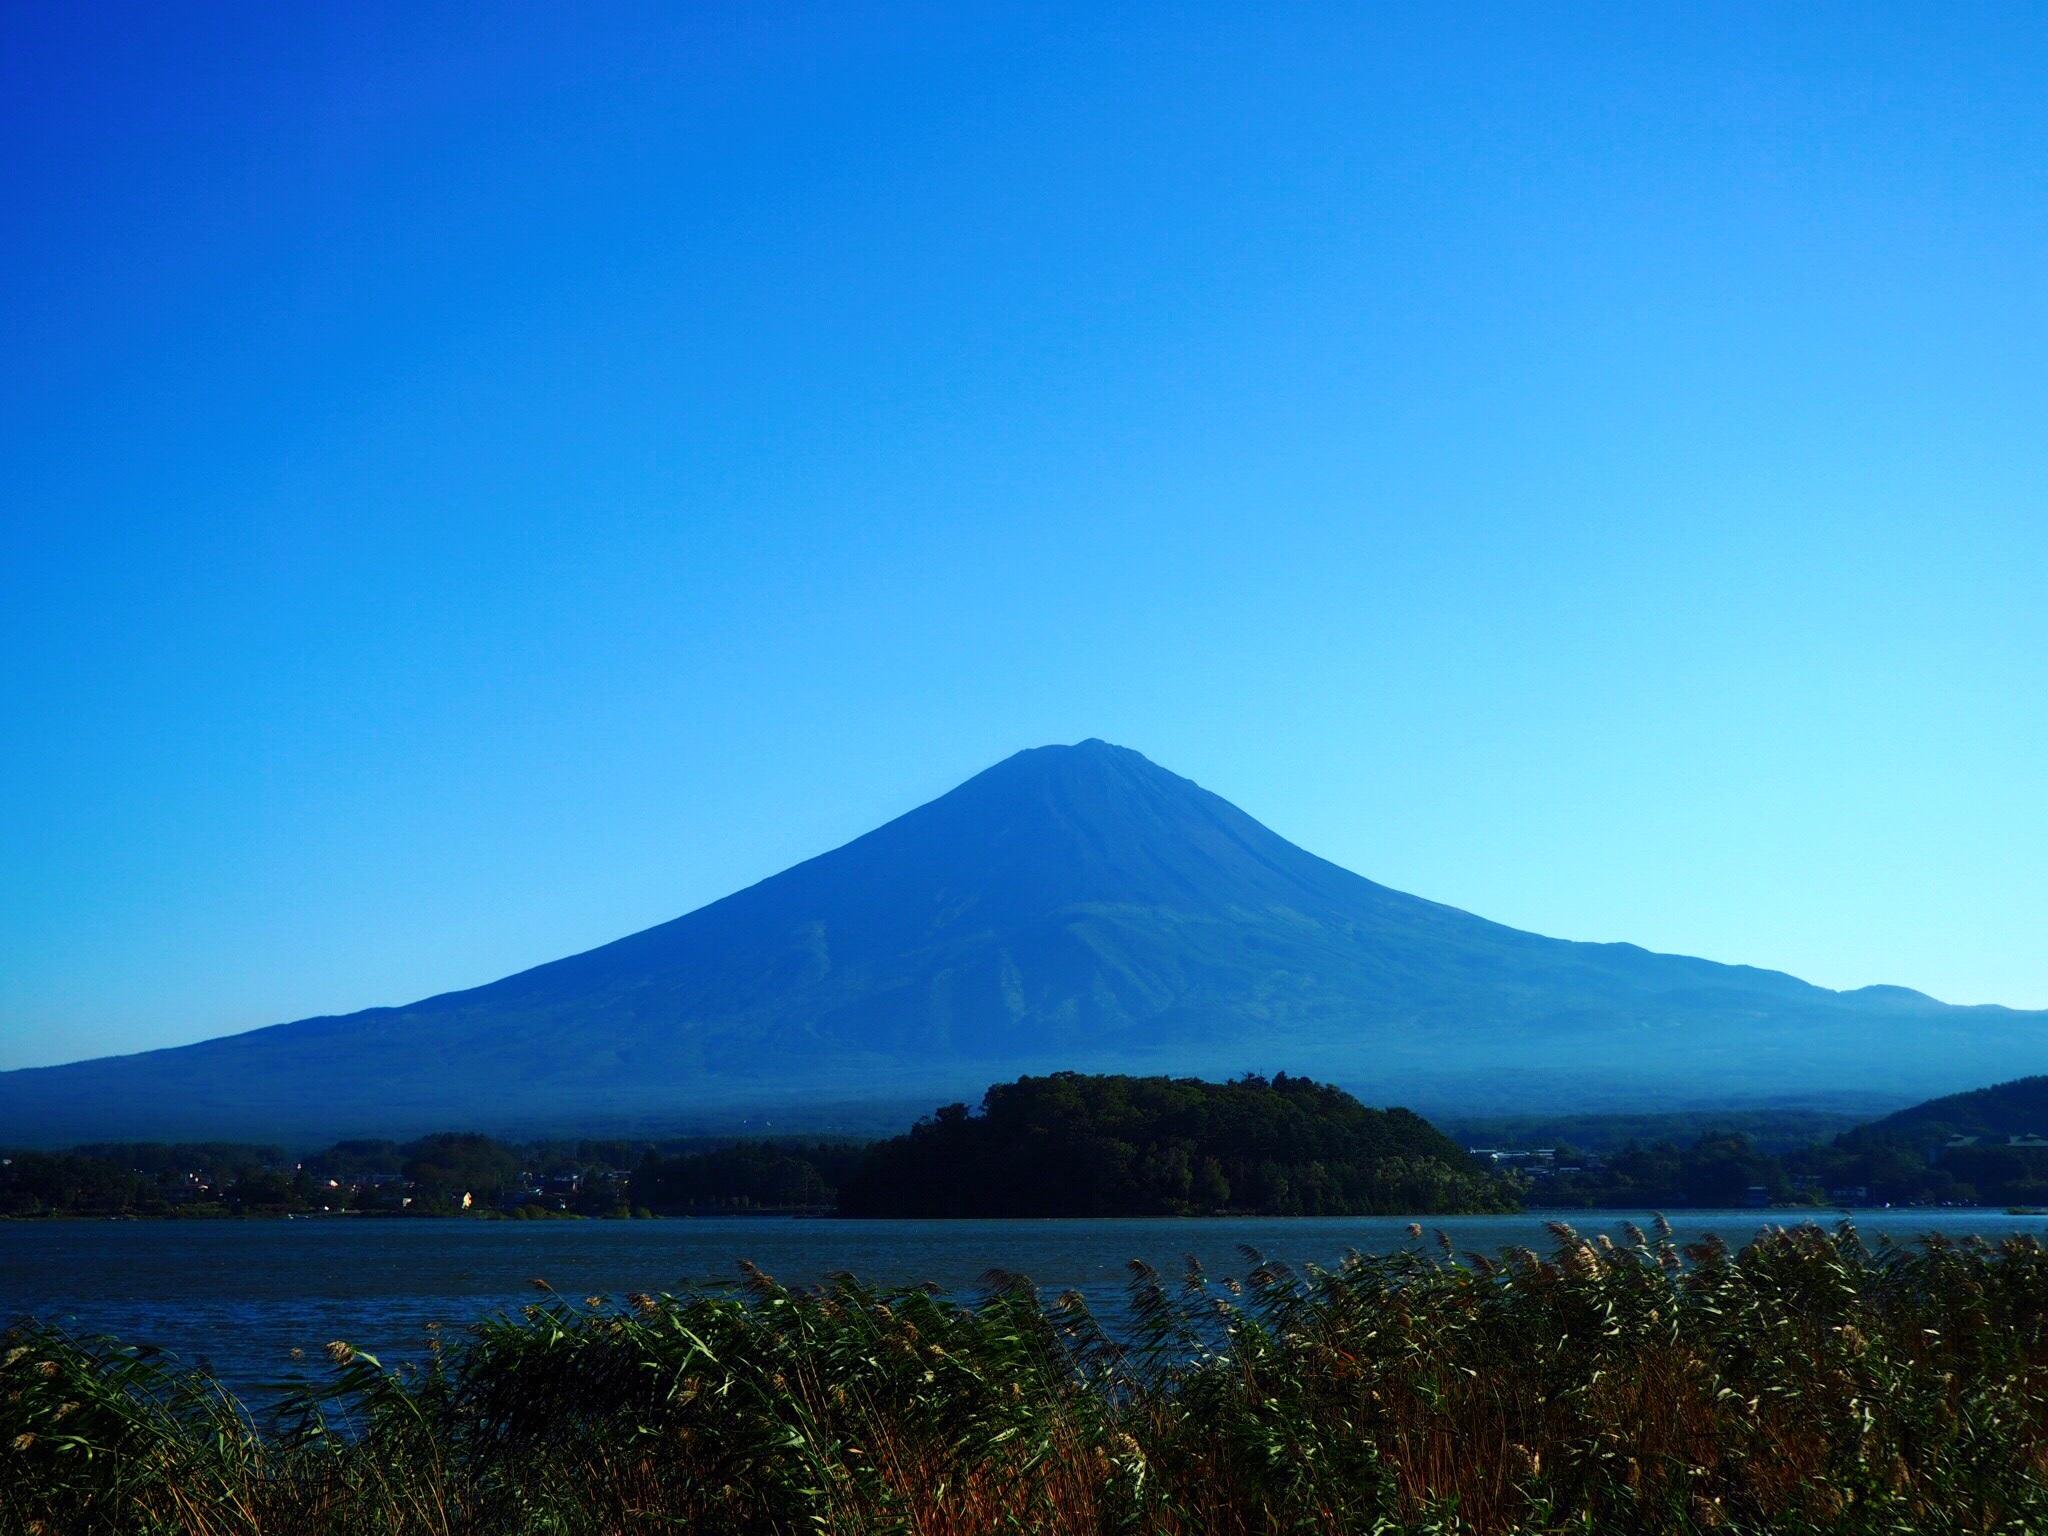 青空に浮かぶ富士山